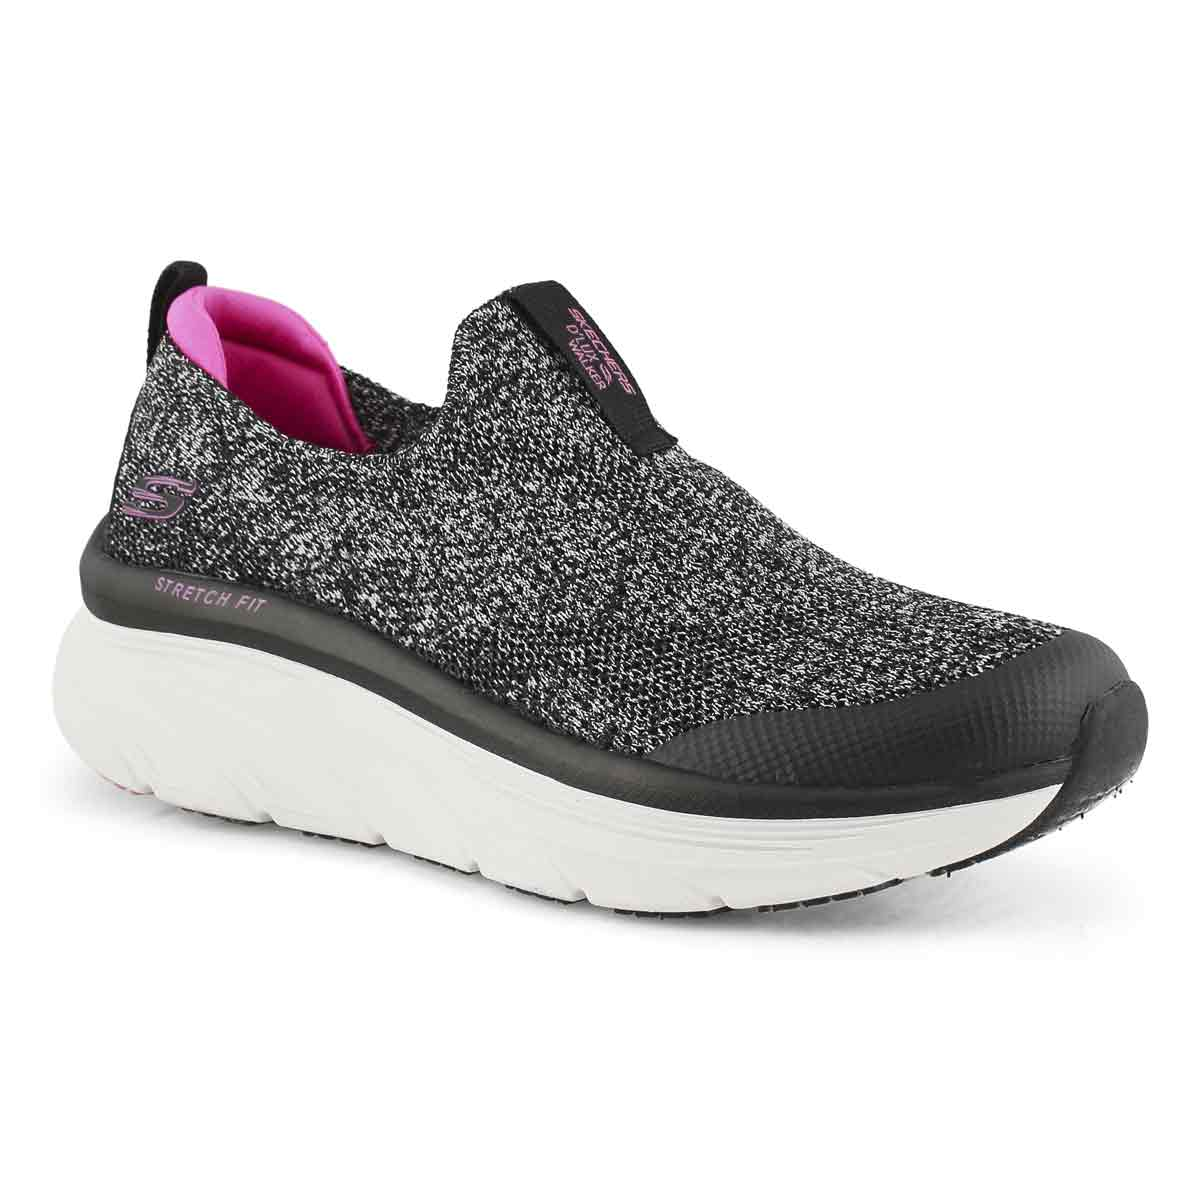 Women's 'Lux Walker Quick Upgrade Sneaker - Blk/Pk